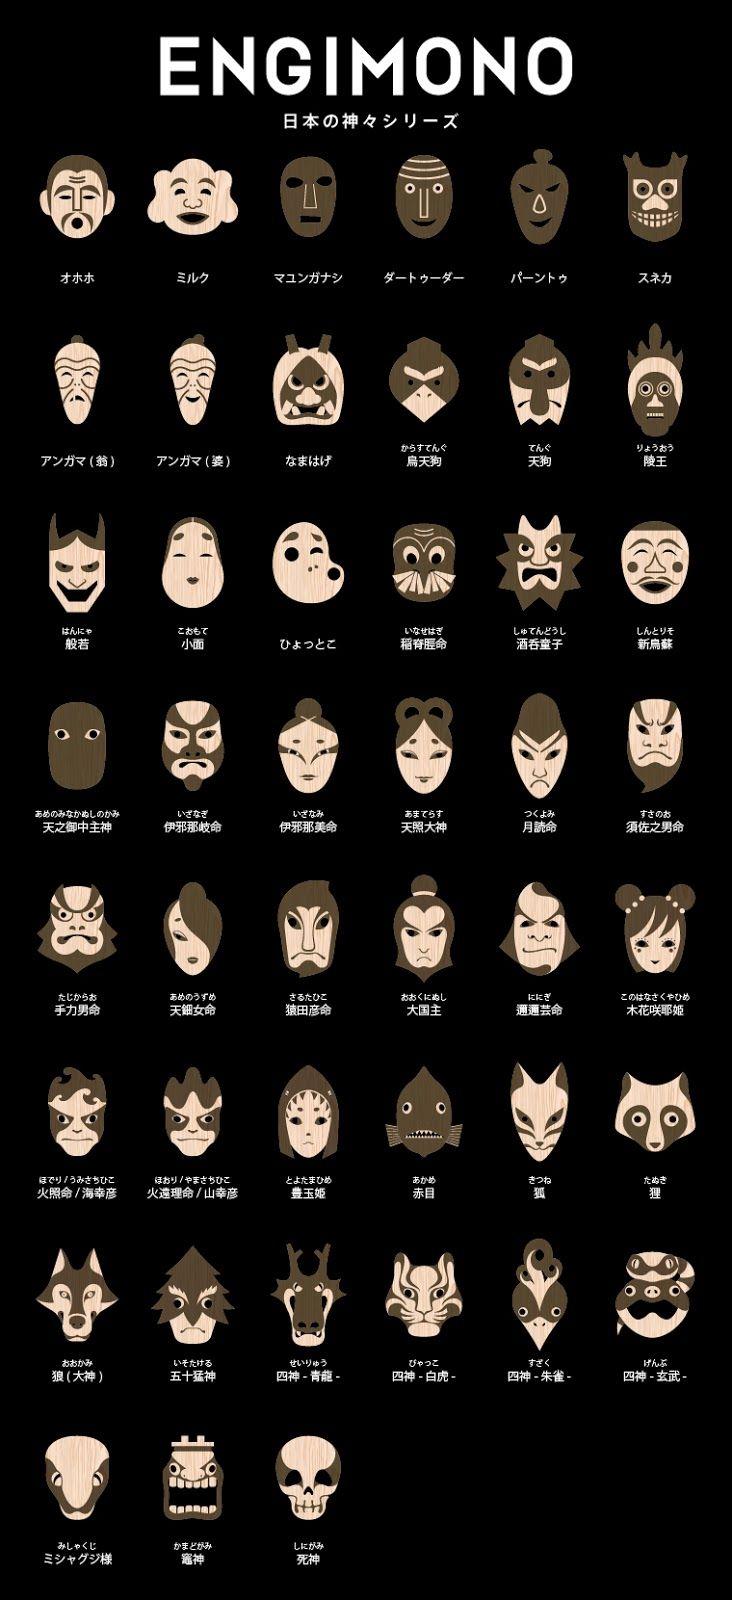 日本にはたくさんの神々がいる。その数は800万だ。その神々にはもちろん顔があるのだ。そんな顔がわかるインフォグラフィクを紹介しよう。